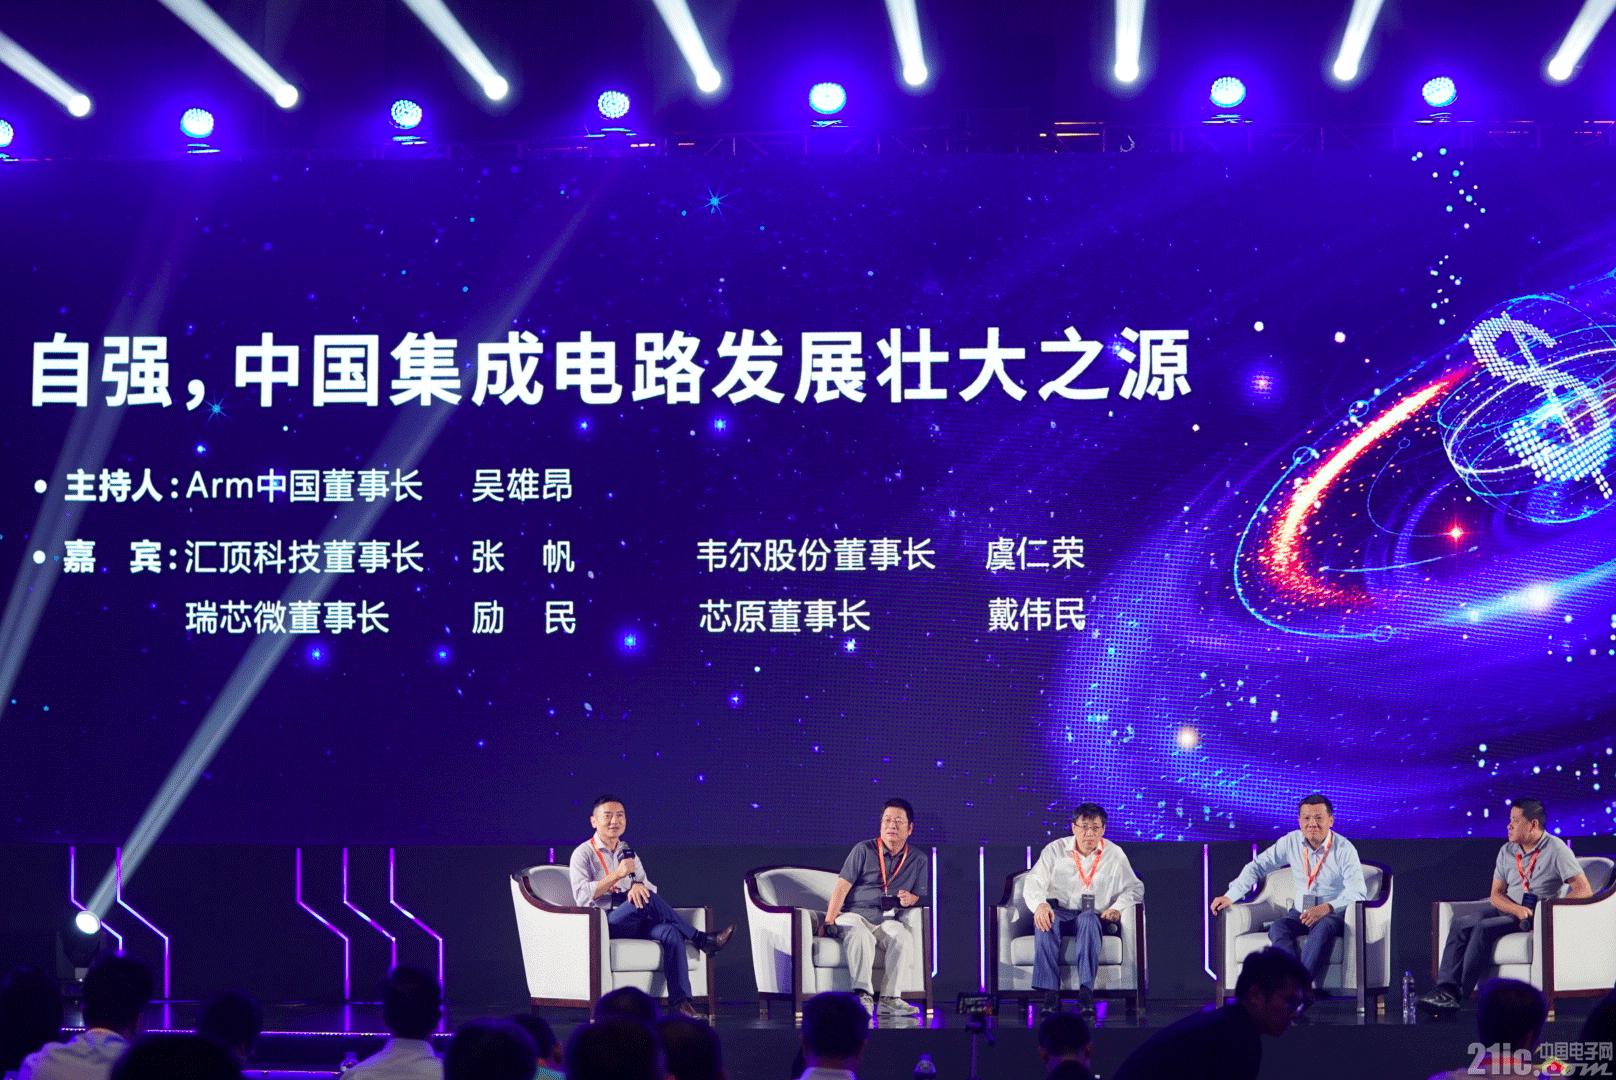 中国半导体产业面临问题:短期创新过多、资源错误配置、资金过热